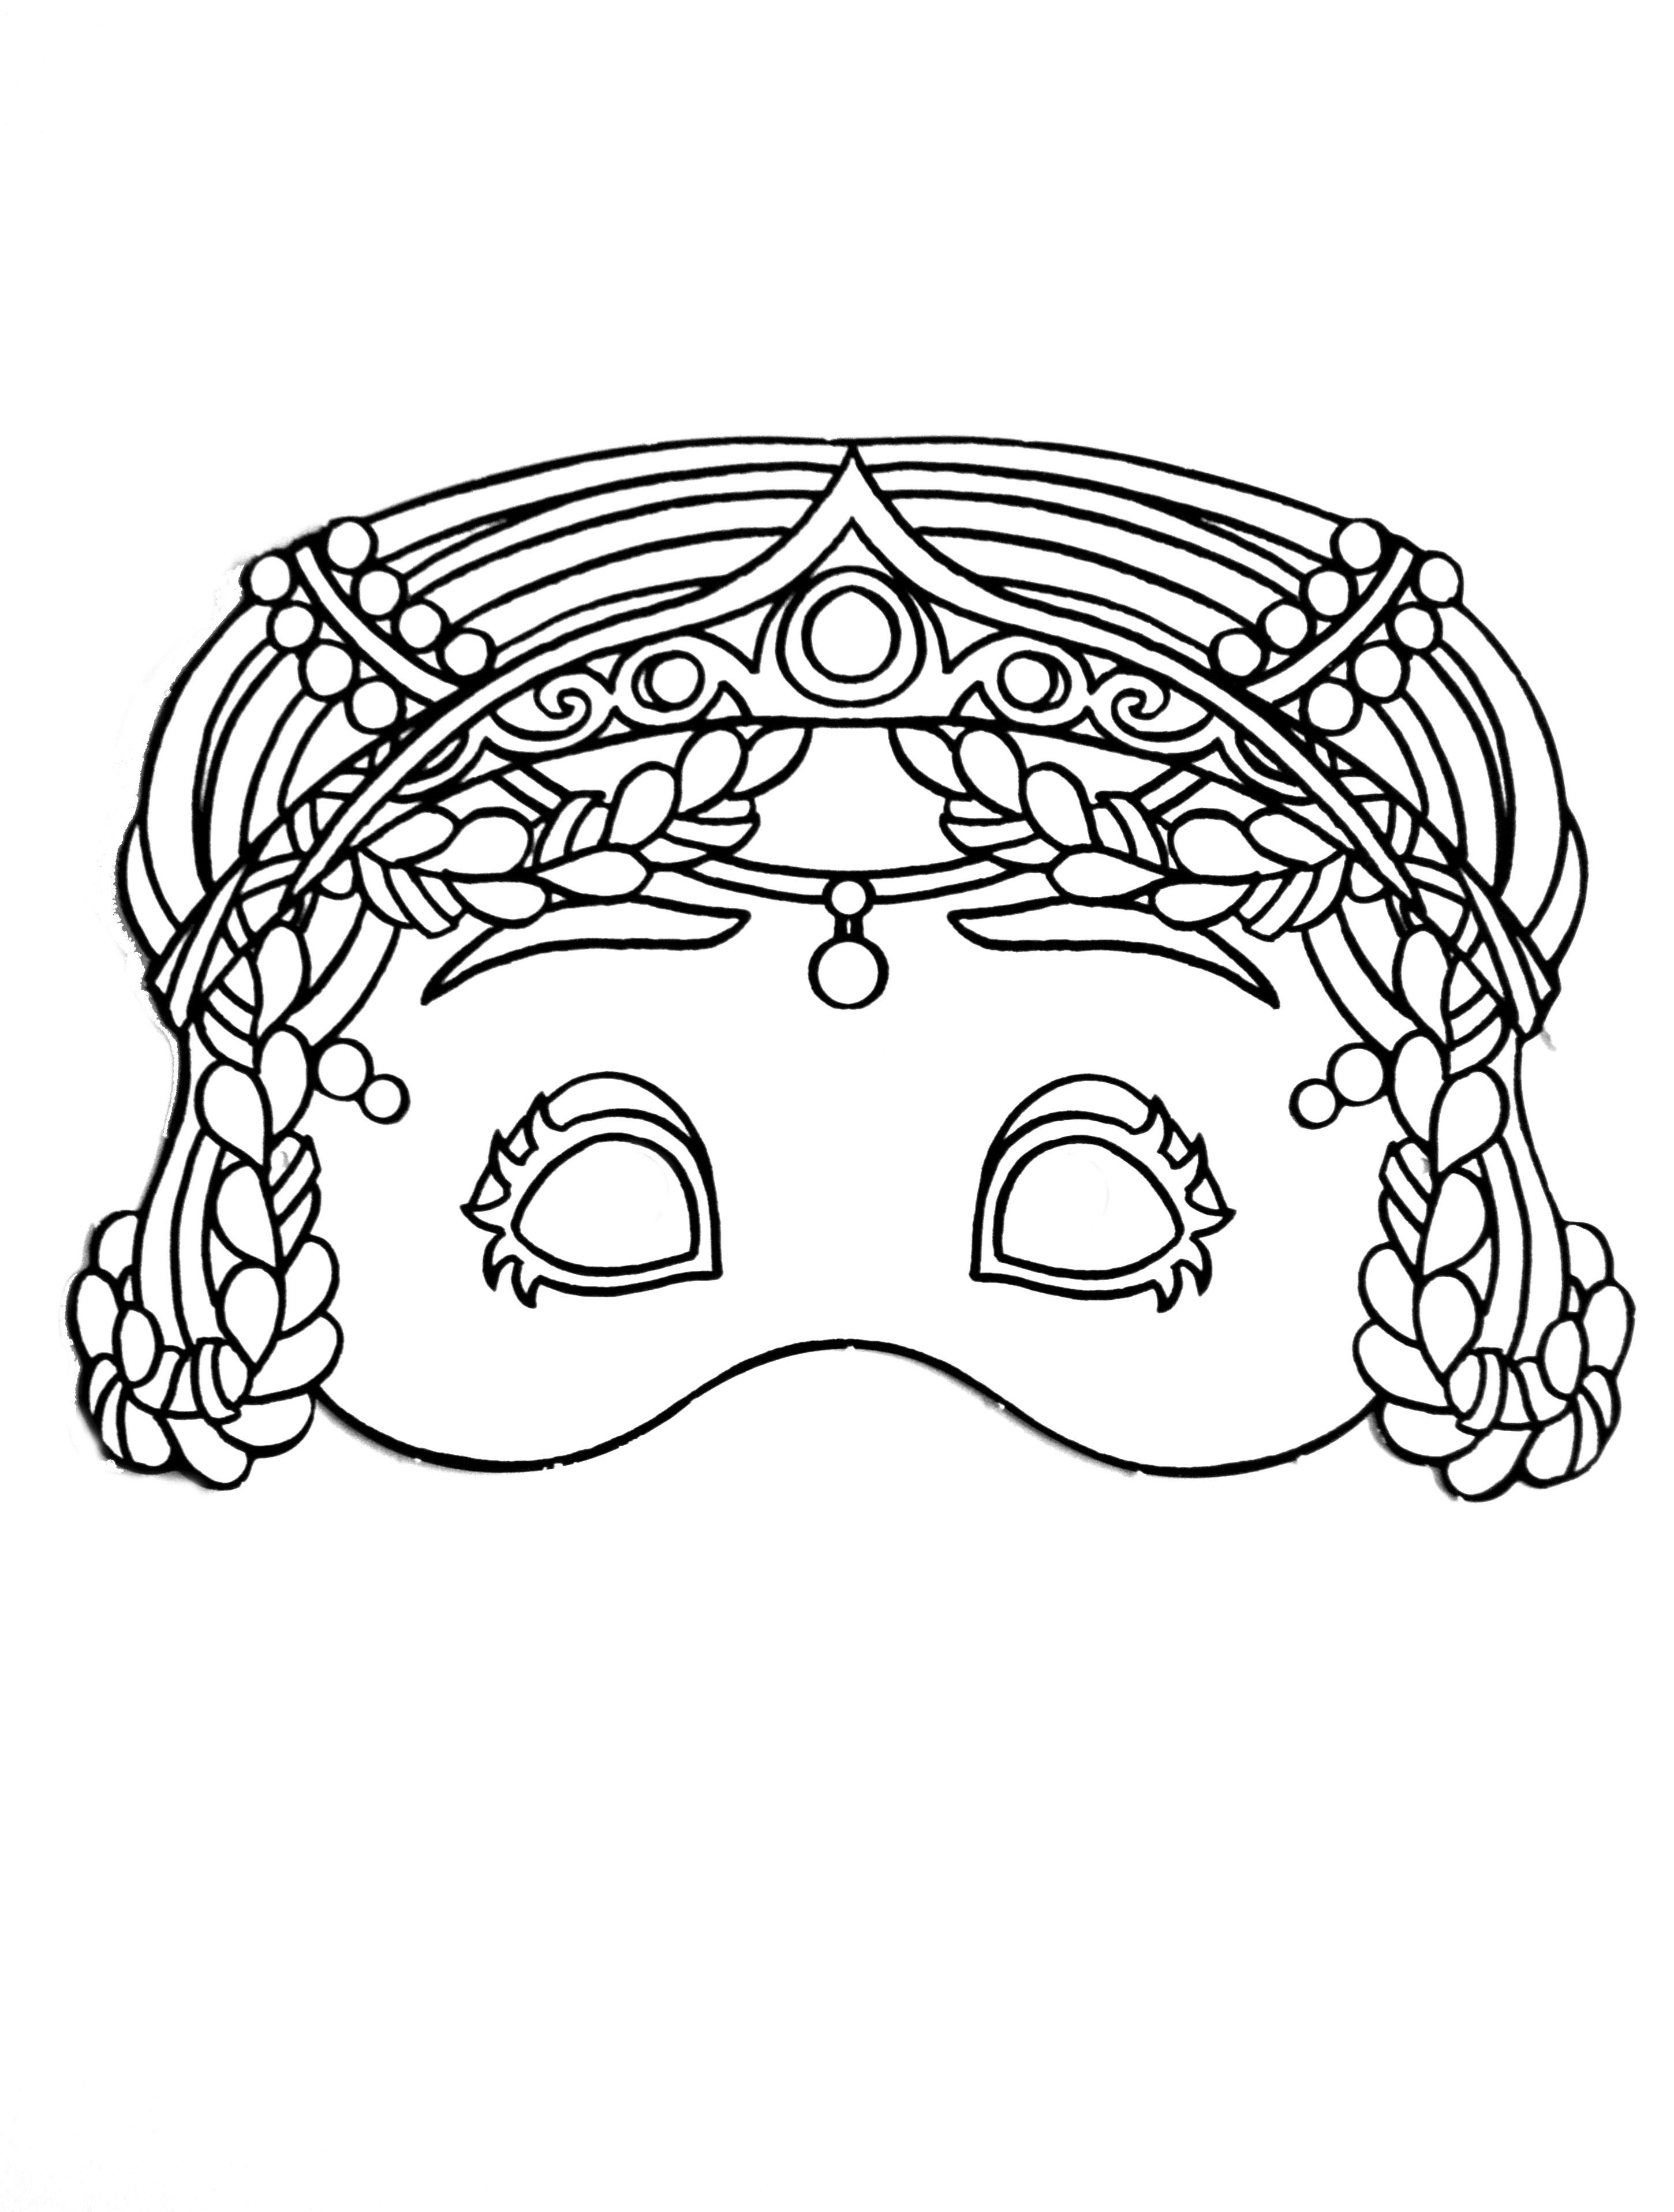 Masque carnaval 3 coloriage de masques coloriages pour enfants page 2 - Coloriage masque a imprimer ...